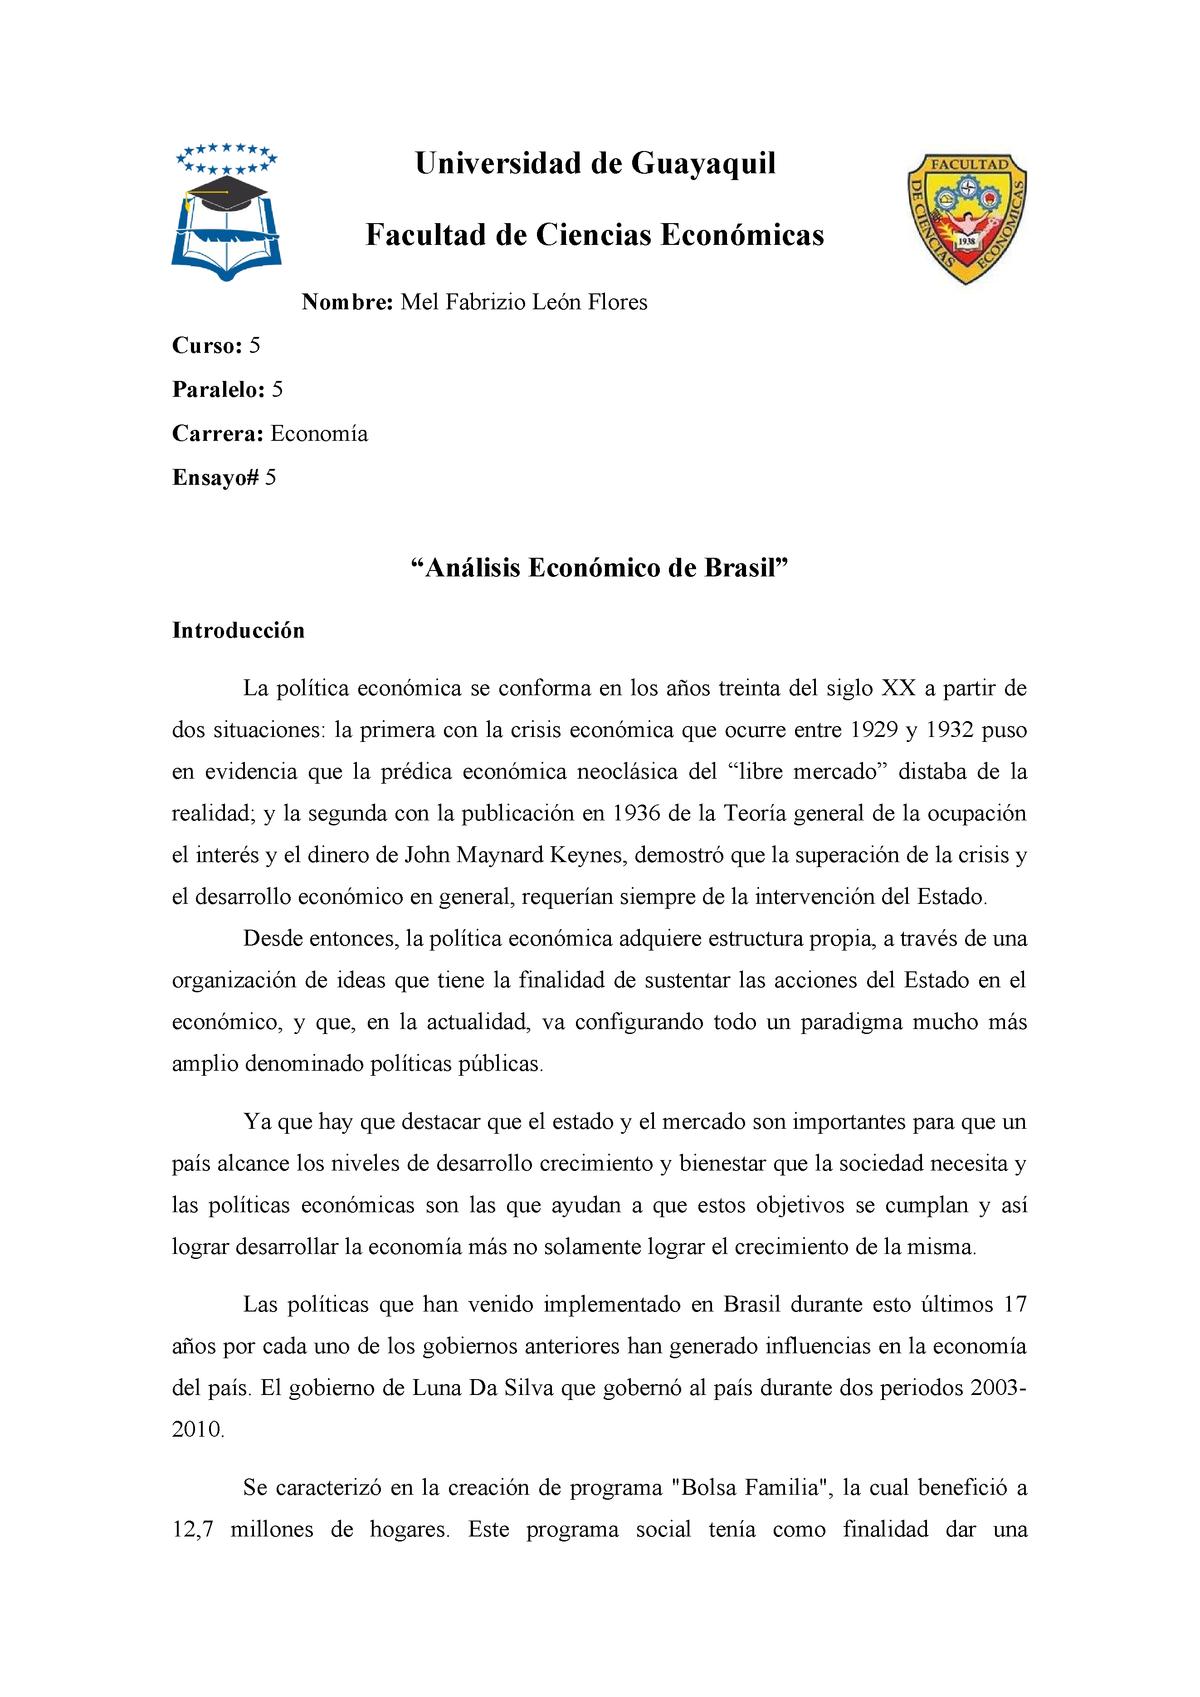 Ensayo De Brazil Nota 10 Economia Ug Studocu